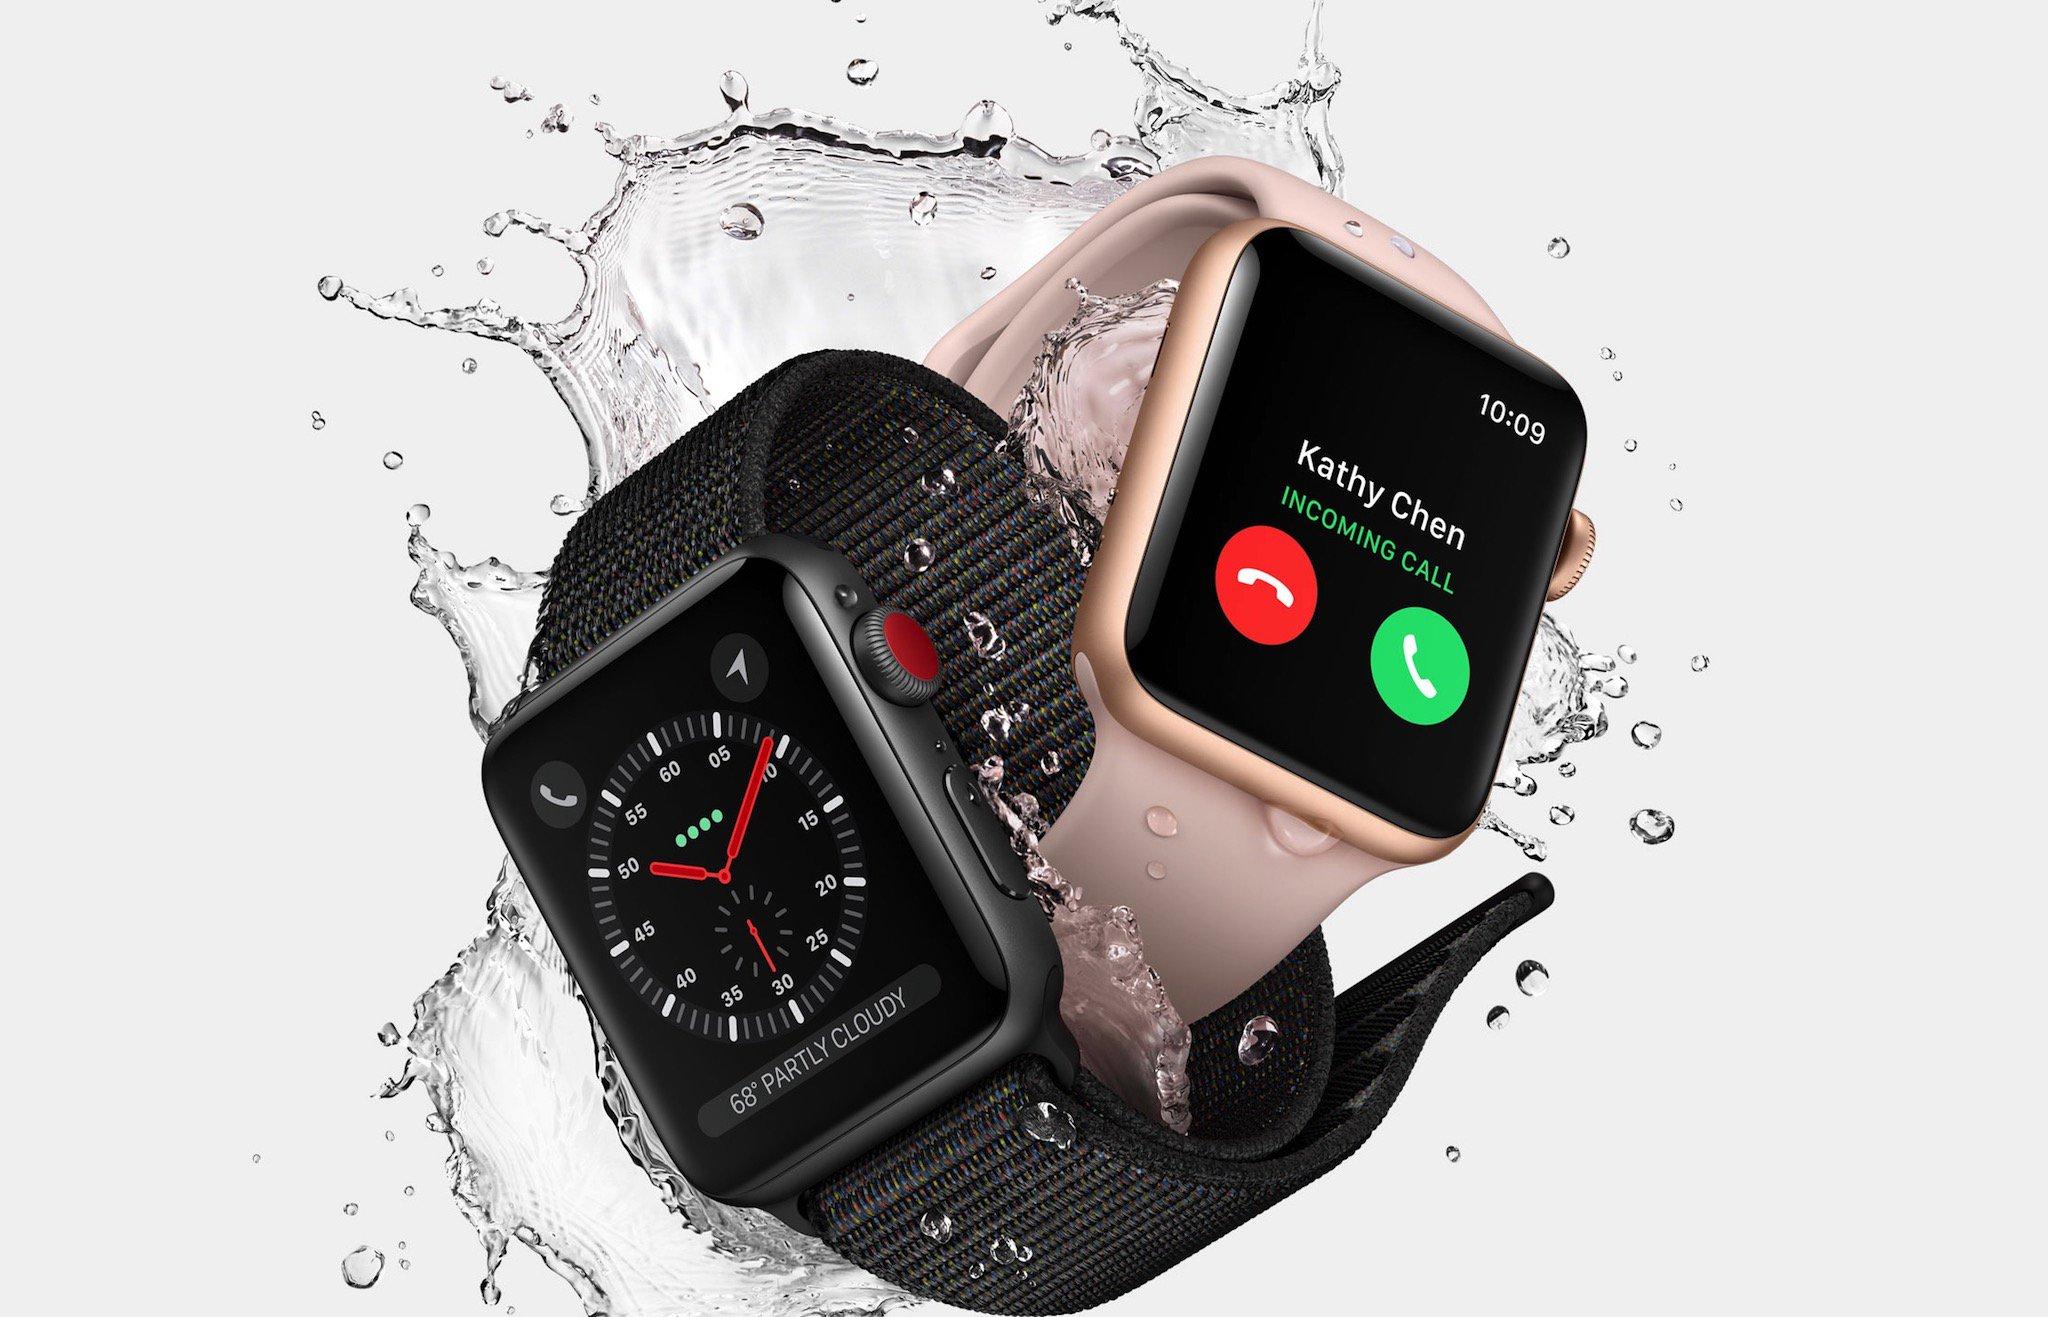 Apple Watch Series 3: Hỗ trợ LTE, chip W2 mạnh hơn 70%, giá từ 329 USD hình 4